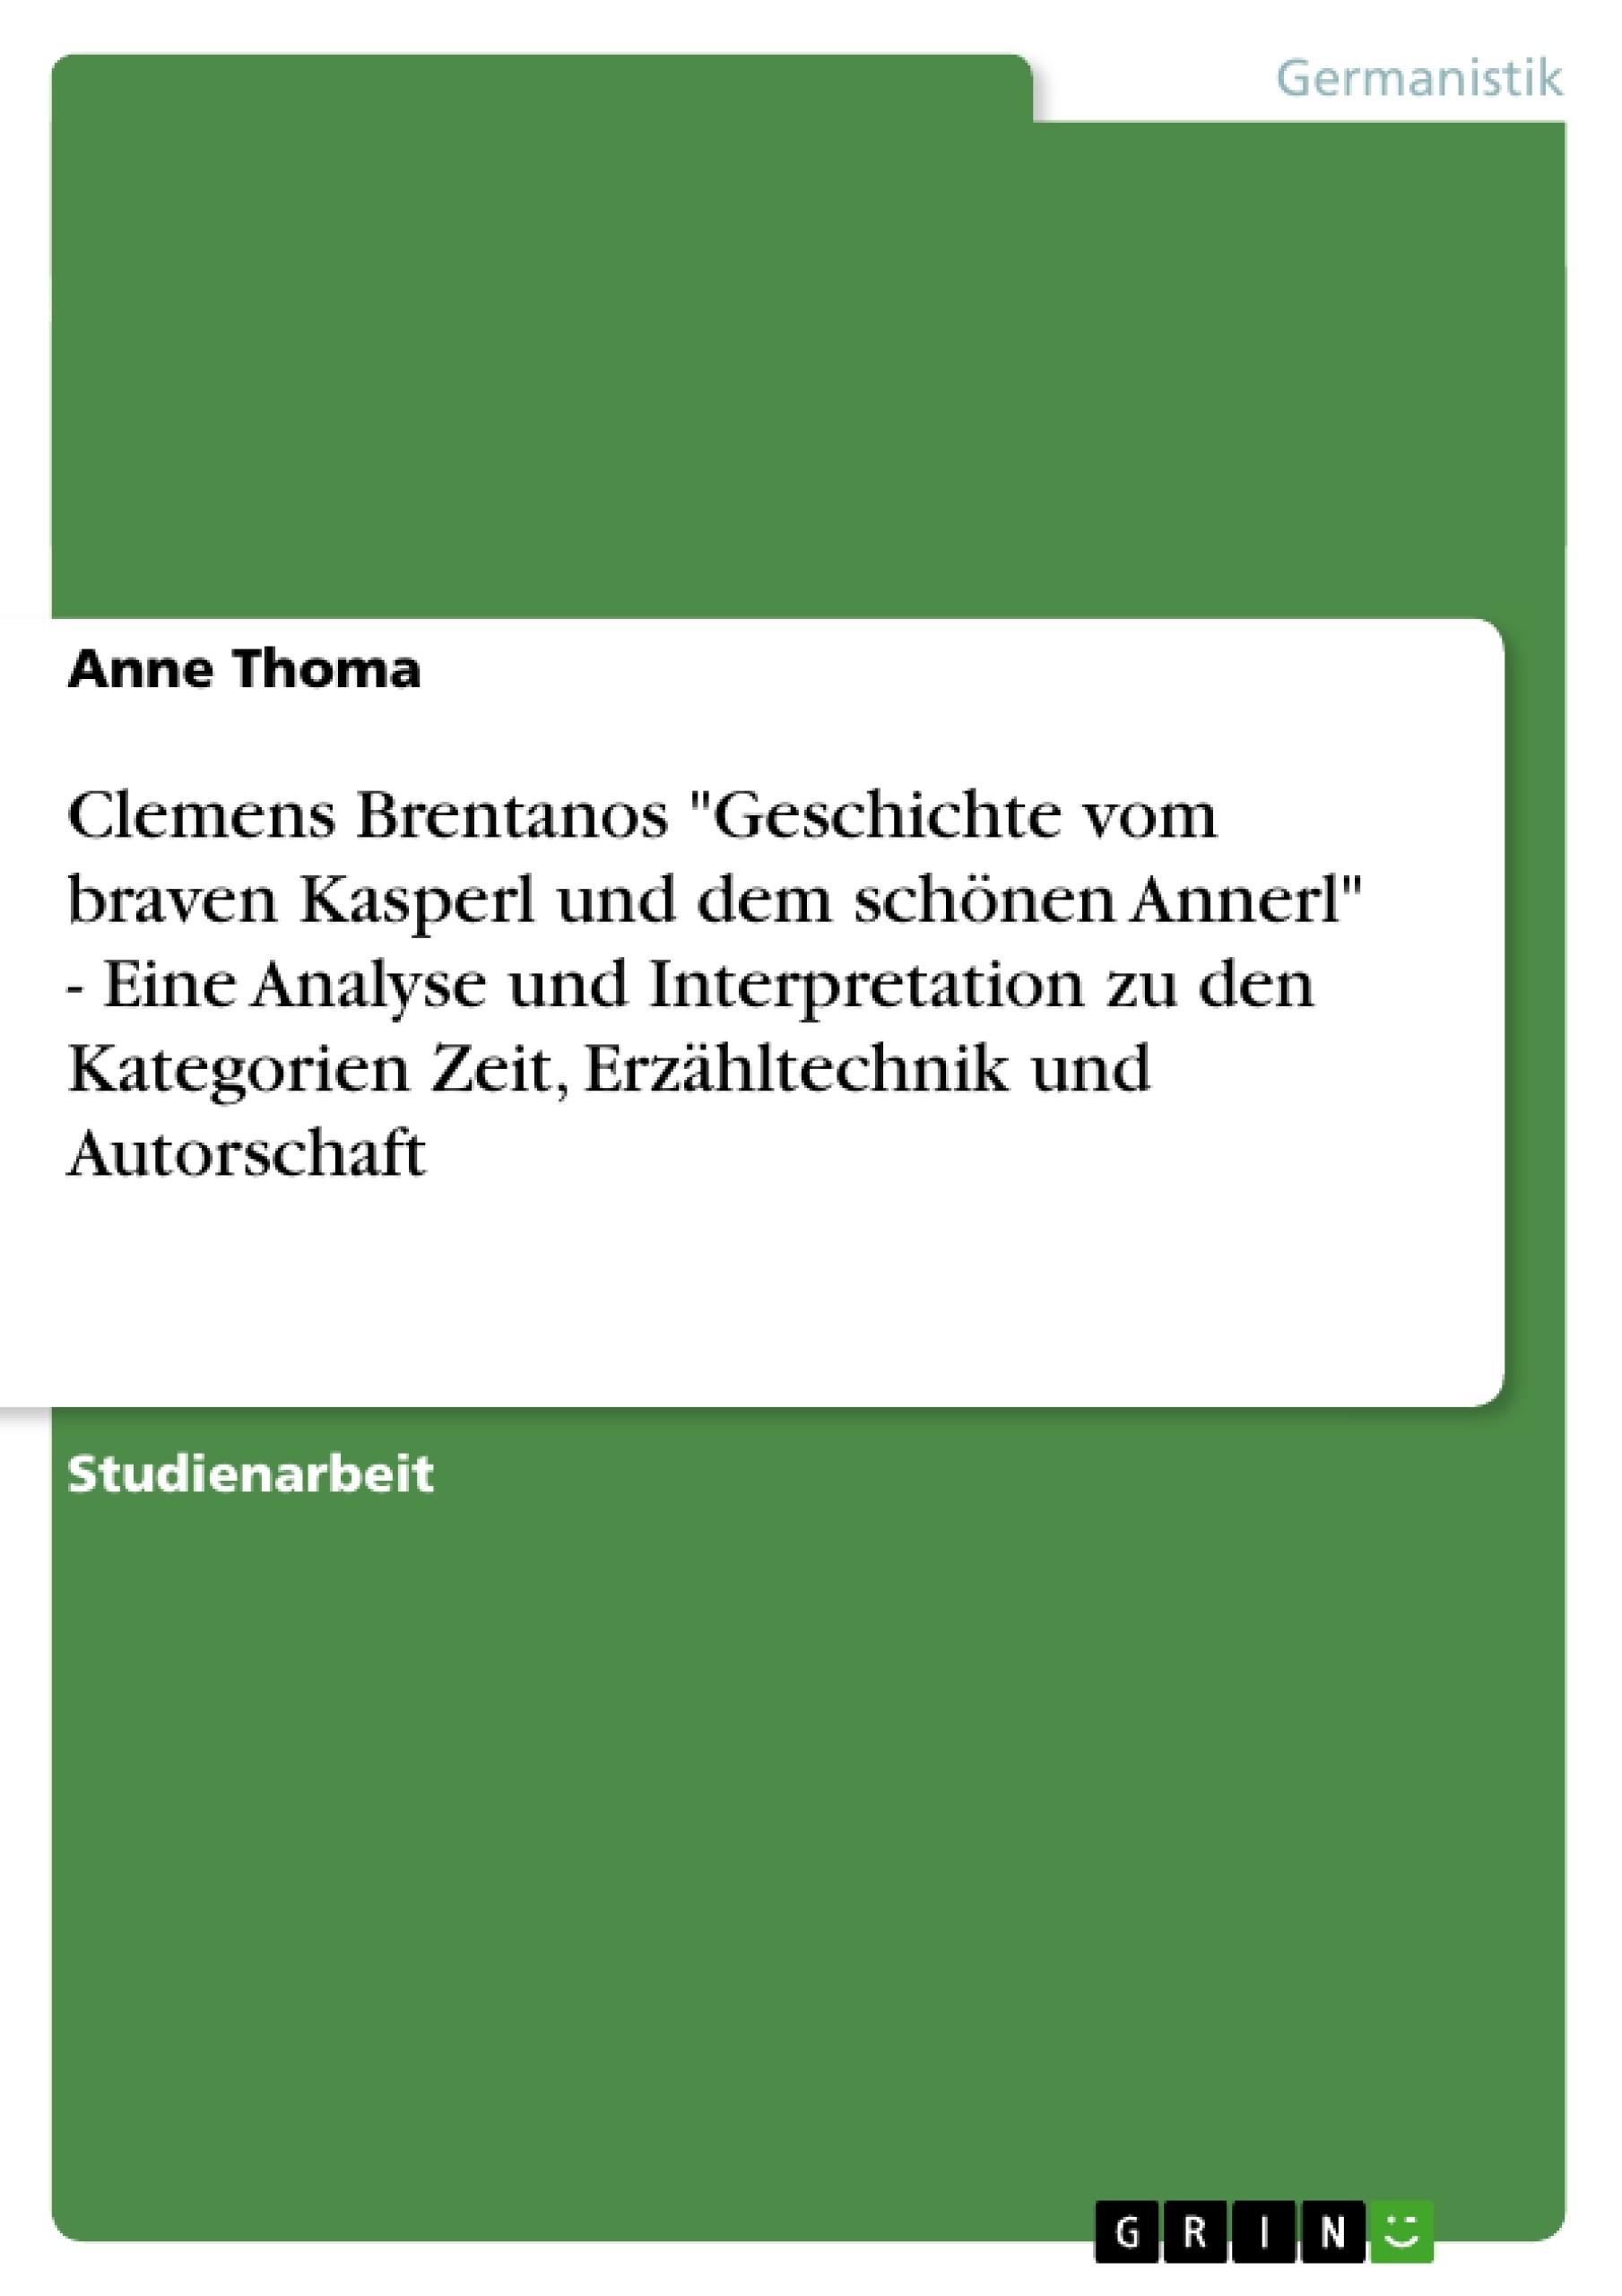 """Titel: Clemens Brentanos """"Geschichte vom braven Kasperl und dem schönen Annerl"""" - Eine Analyse und Interpretation zu den Kategorien Zeit, Erzähltechnik und Autorschaft"""